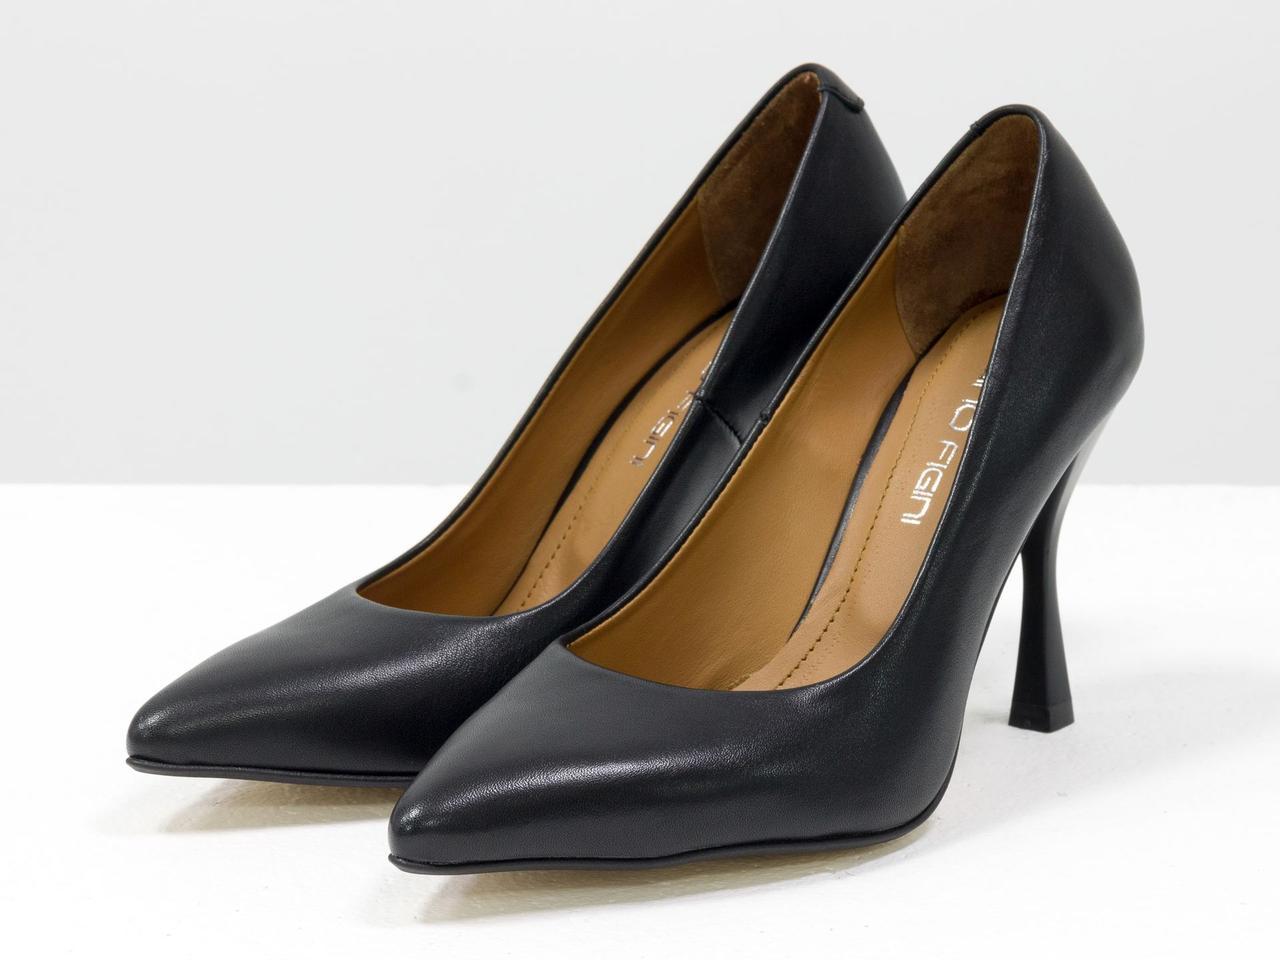 """Класичні шкіряні чорні туфлі з подовженим носиком, на підборах """"чарочка"""""""